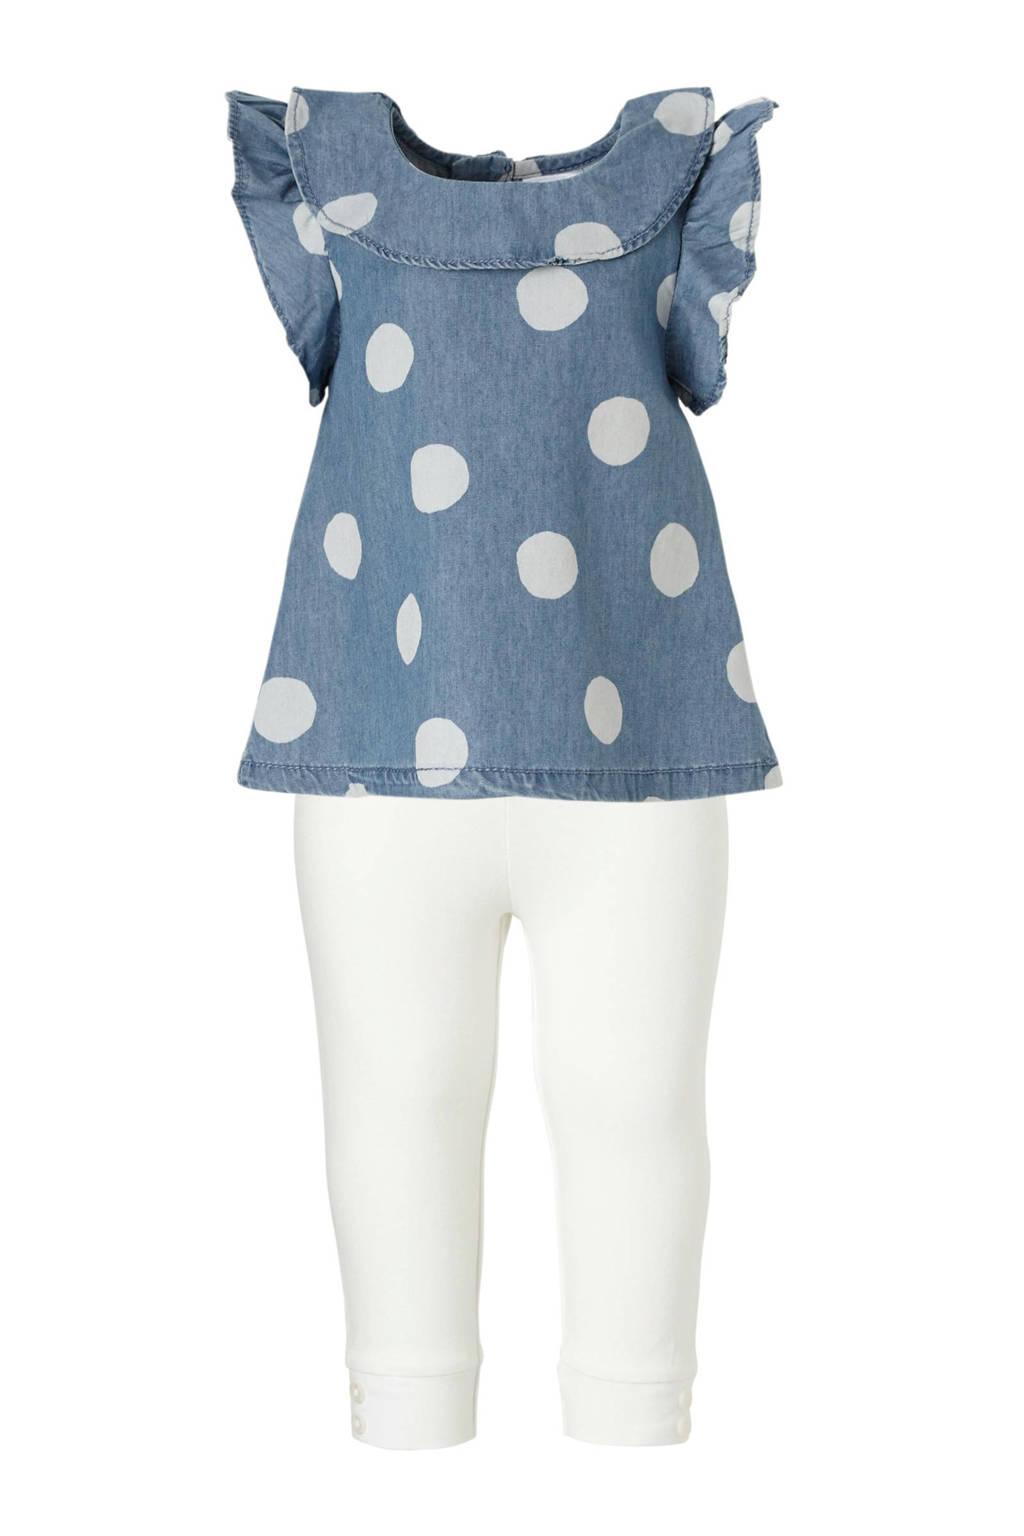 Carter's gestipte baby jurk met uni legging blauw/wit, Blauw/wit